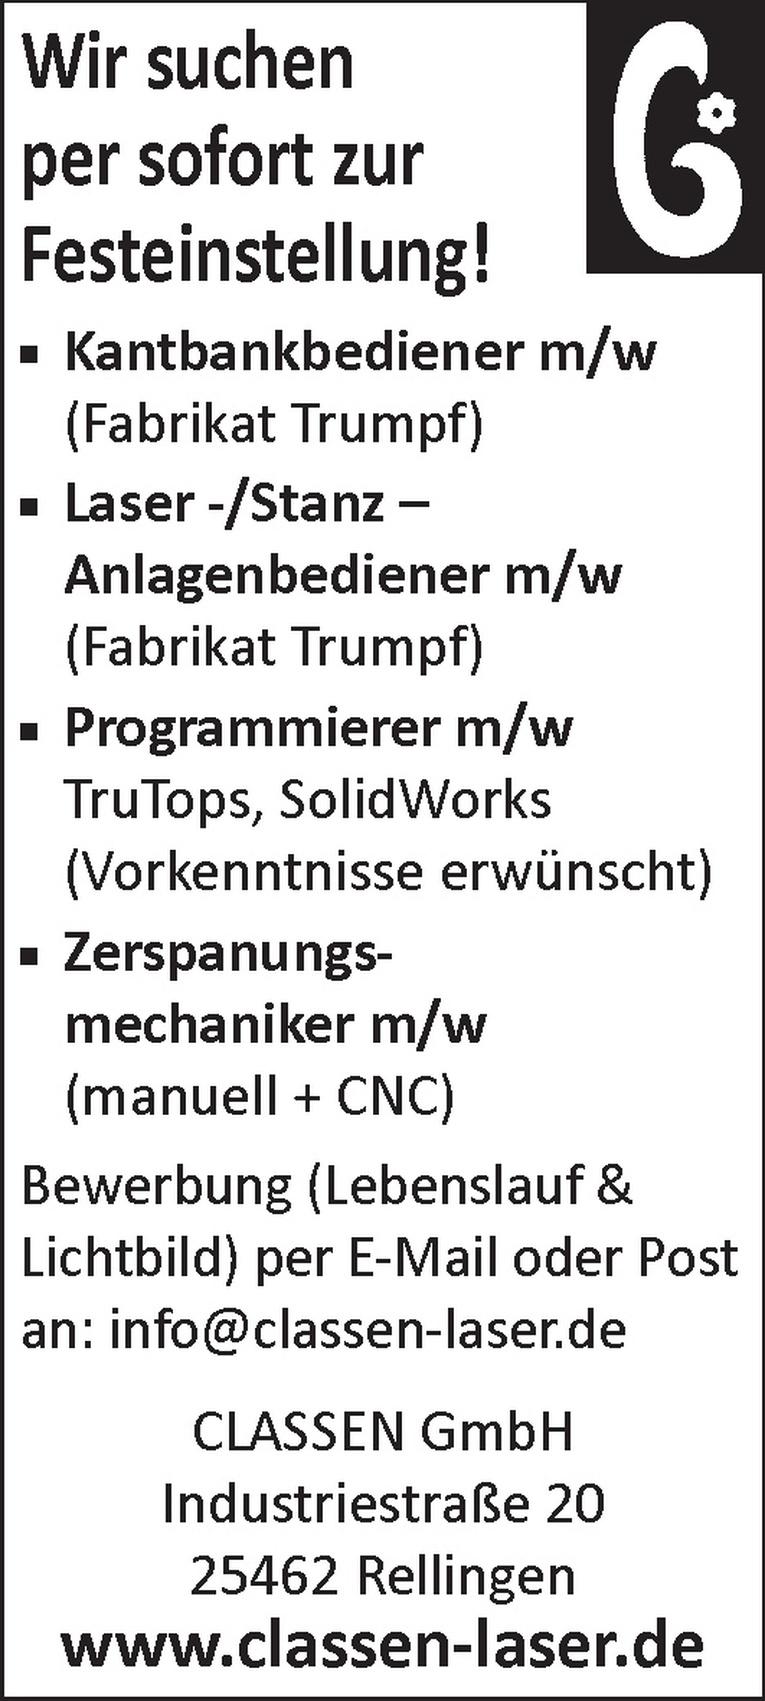 Laser -/Stanz – Anlagenbediener m/w